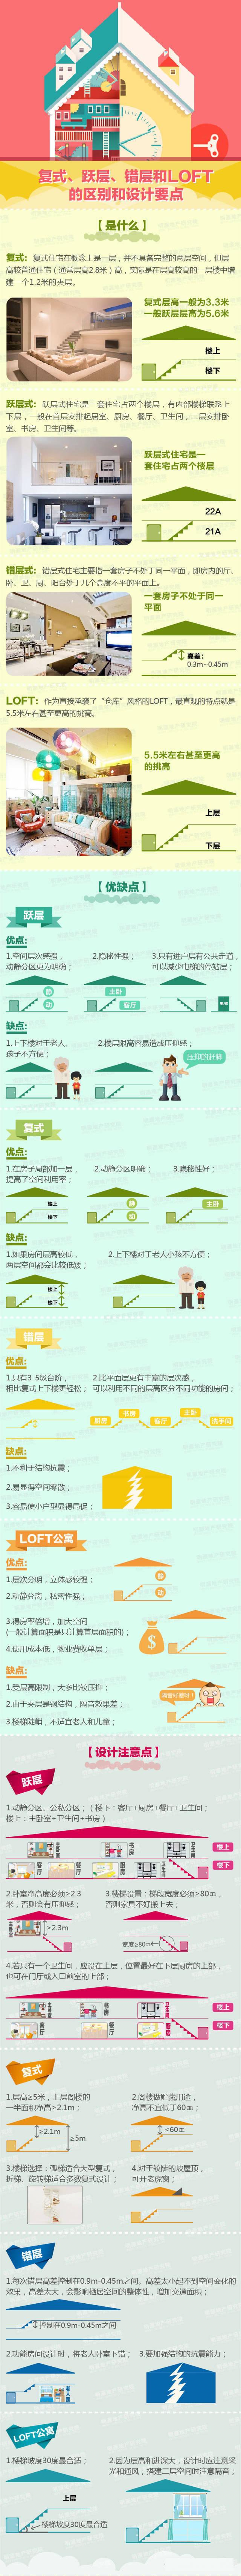 一张图看懂复式、跃层、错层、LOFT的区别